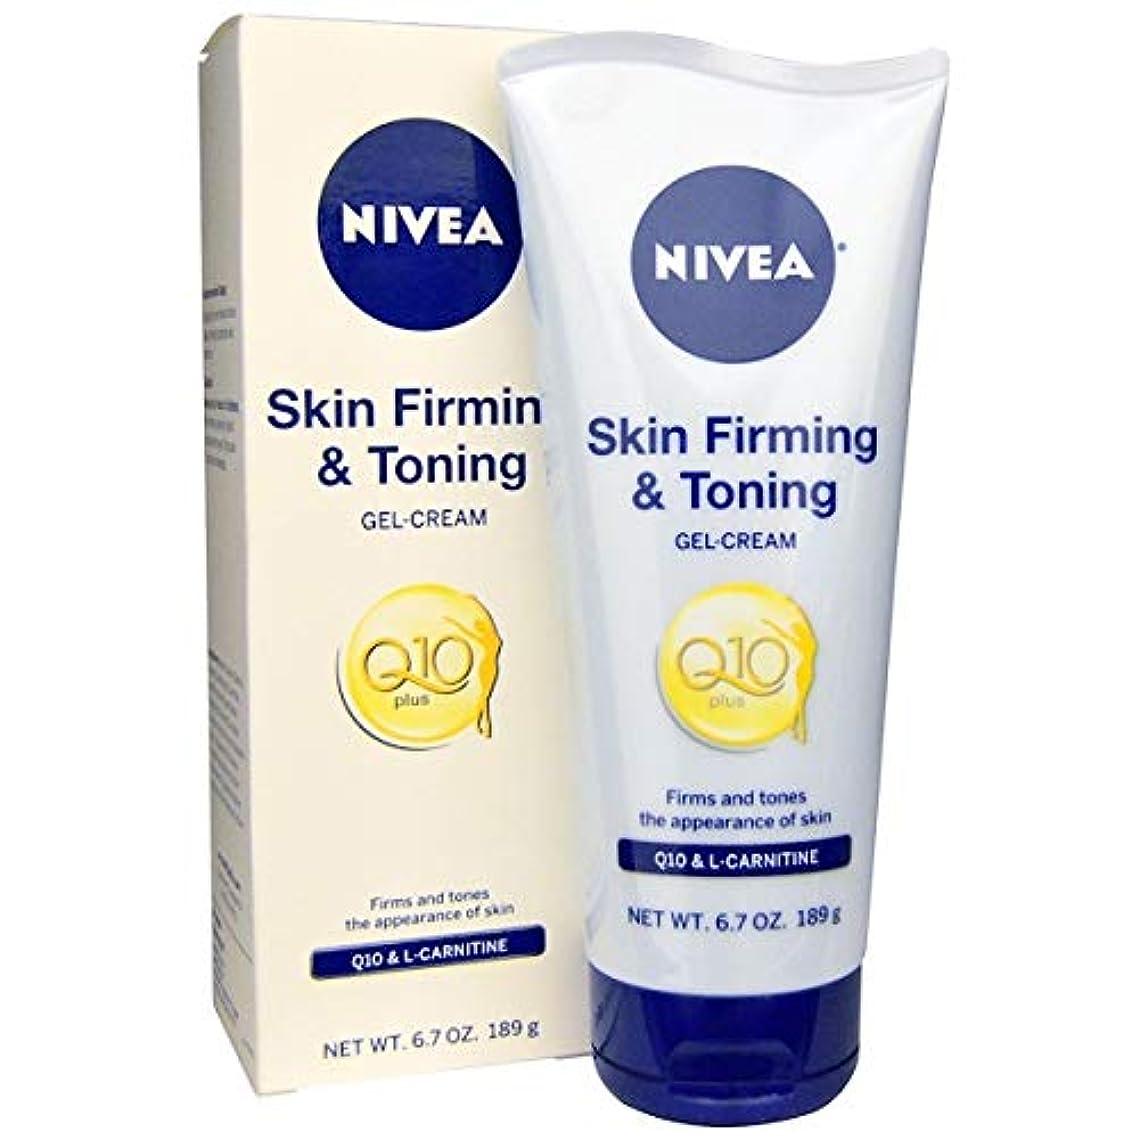 マスク土バックアップニベア  ファーミング セルライトジェルクリーム Q10プラス FIRMING Cellulite Gel Cream Q10 Plus【海外直送品】